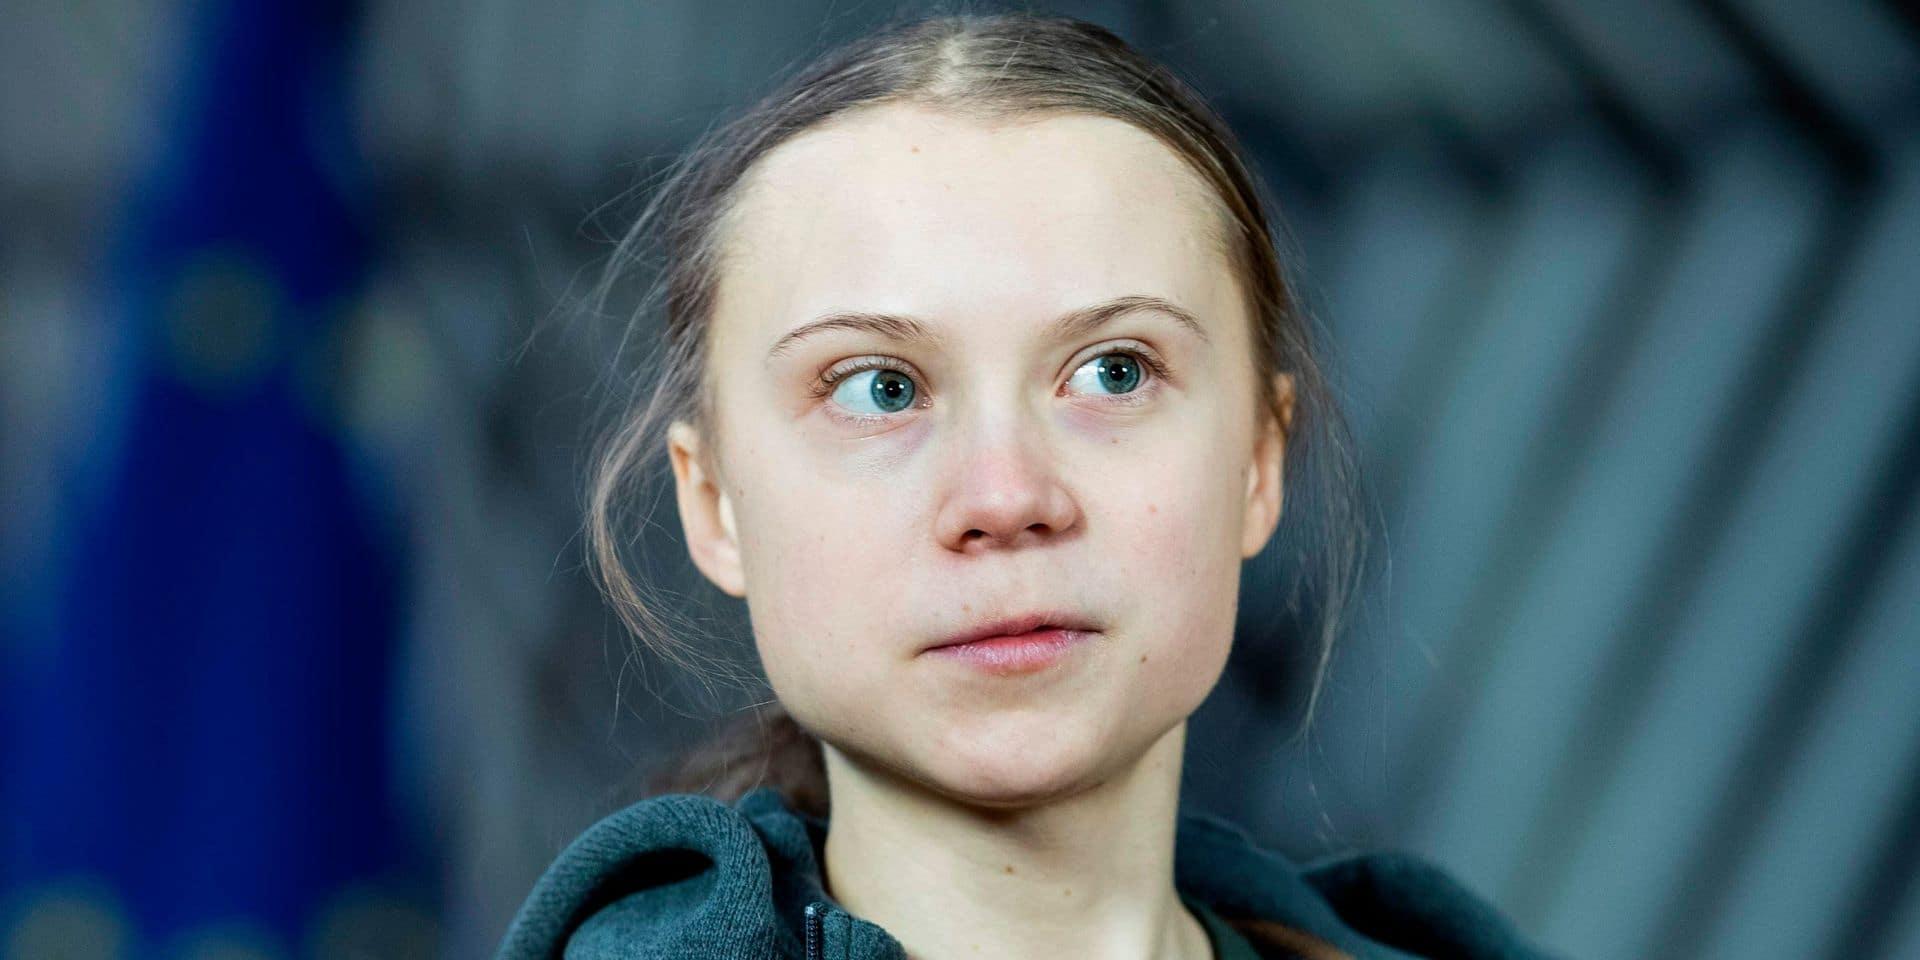 Coronavirus: pourquoi la participation de Greta Thunberg à une émission de CNN a créé la polémique ?